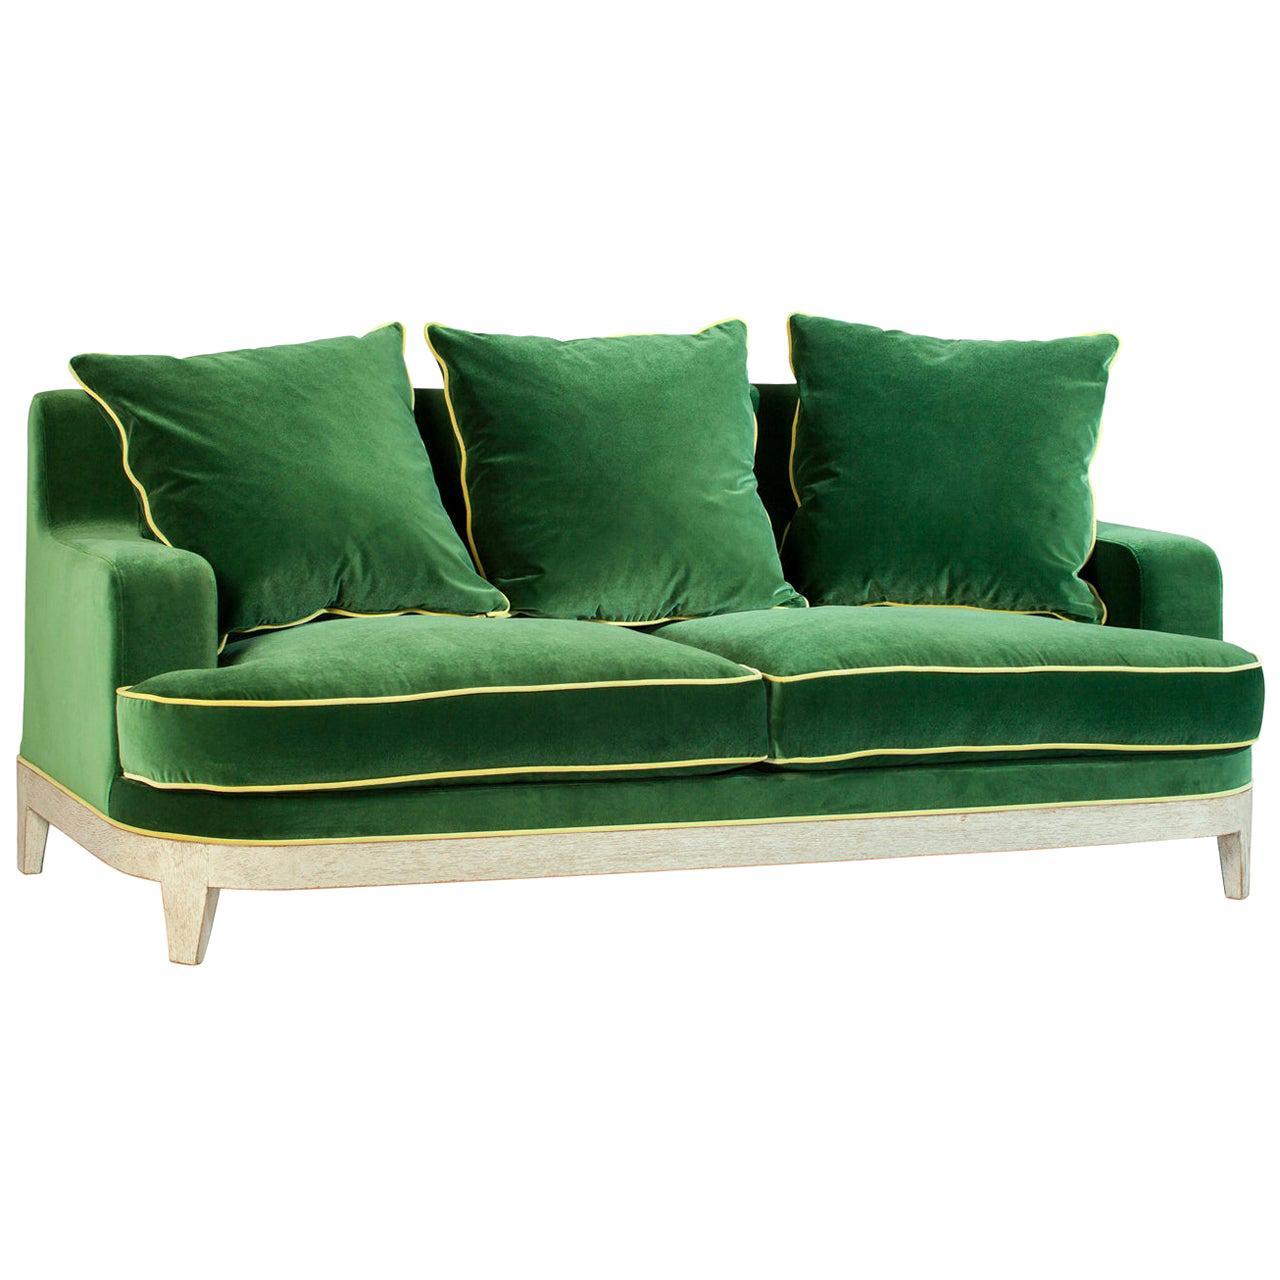 1920 Sofa